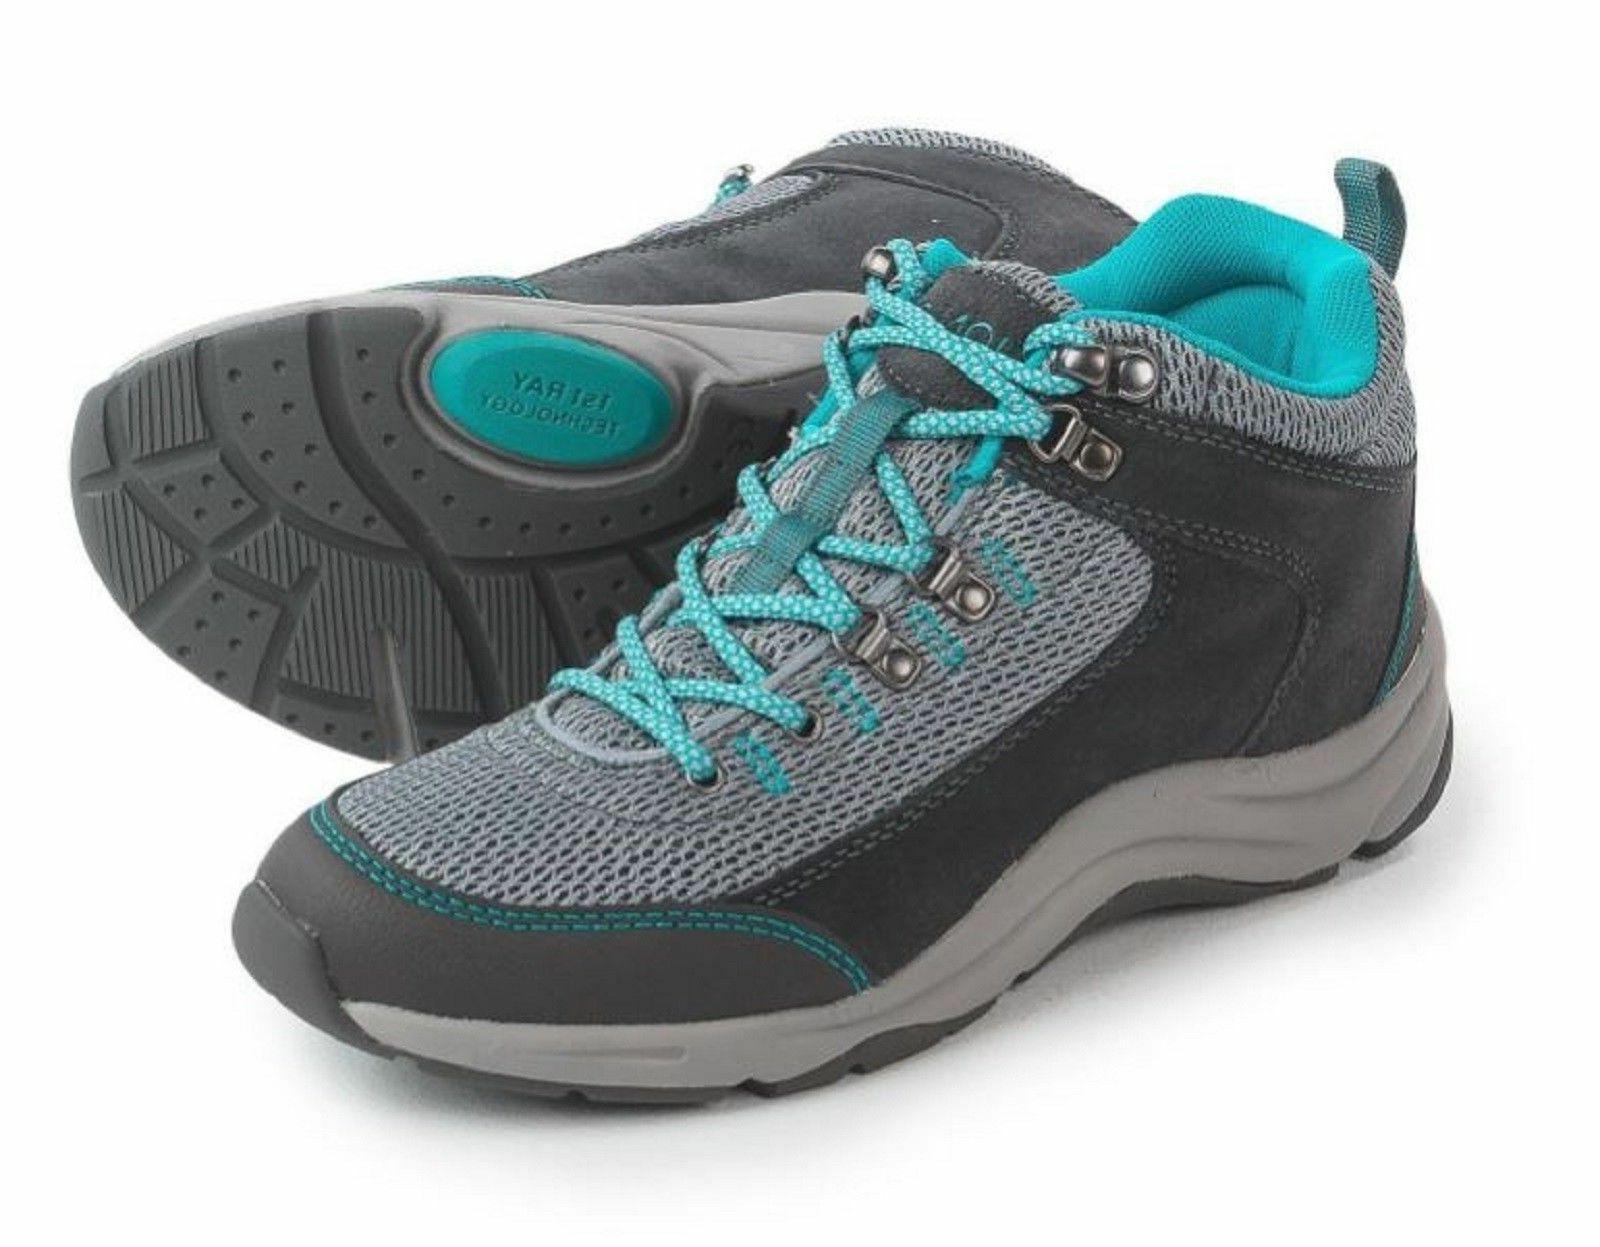 Vionic Orthaheel ACTION CYPRESS Water-Resist Hiking Sneakers